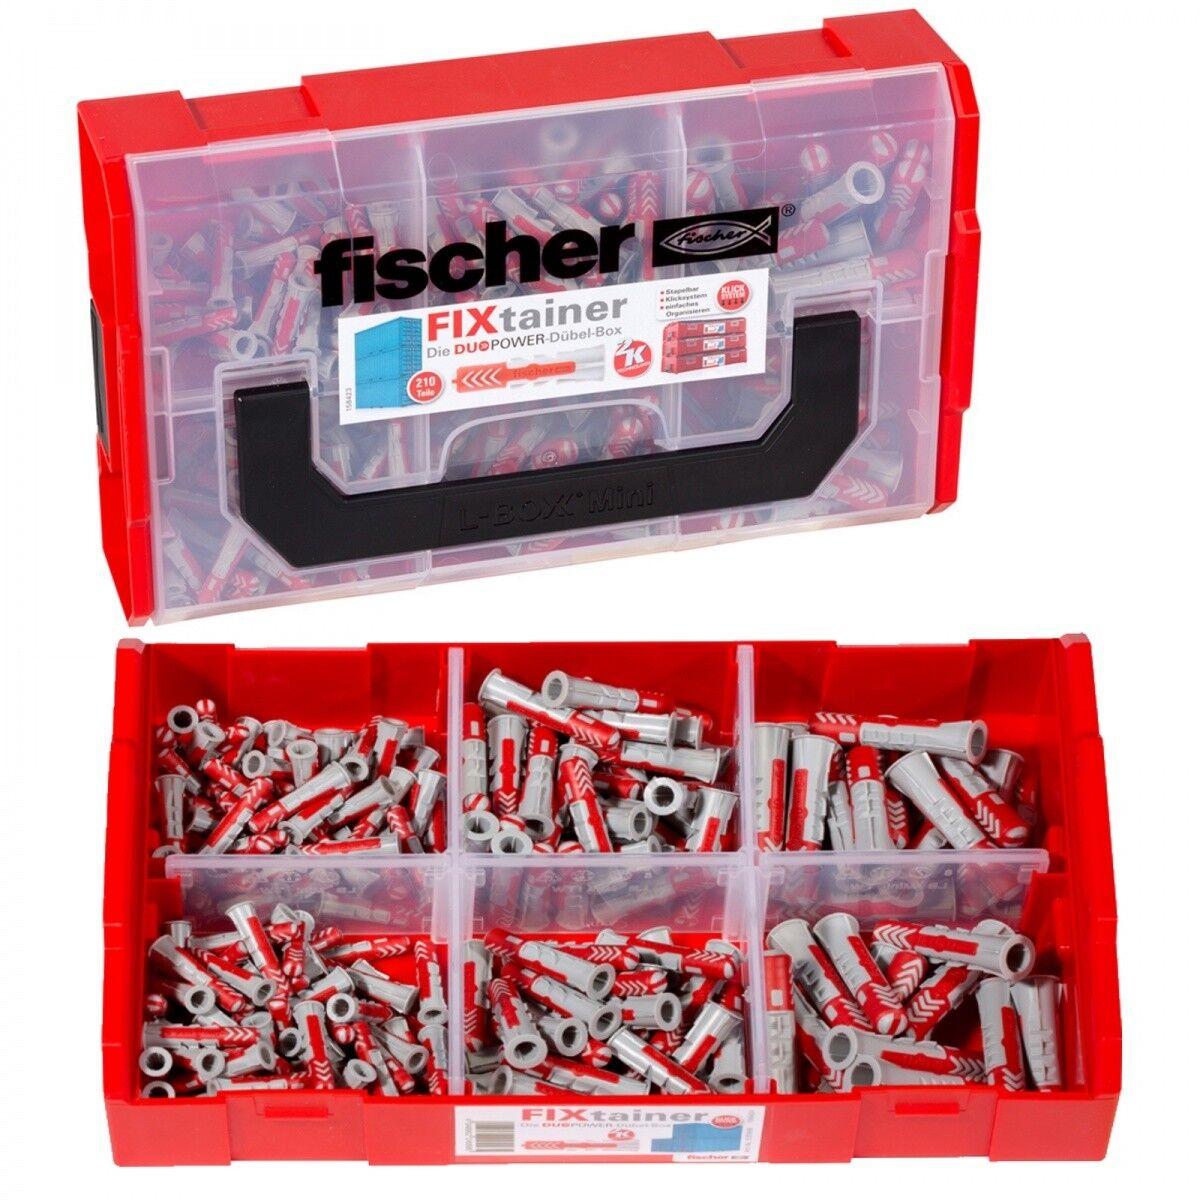 Fischer Dubel Duopower Fixtainer Sortimentsbox